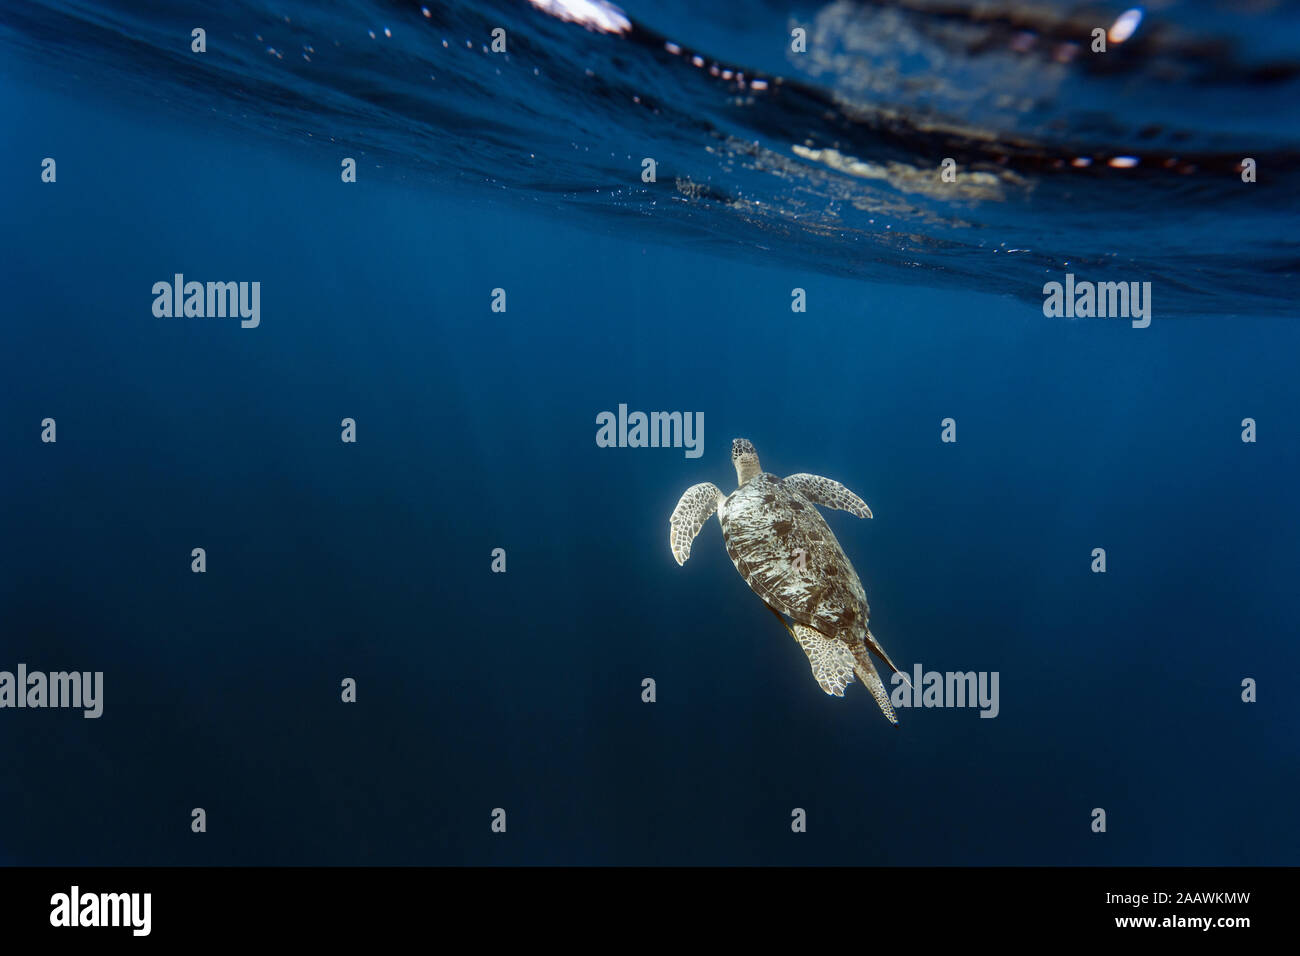 Indonesia, Bali, vista submarina de la tortuga solitario cerca de la superficie de natación Foto de stock